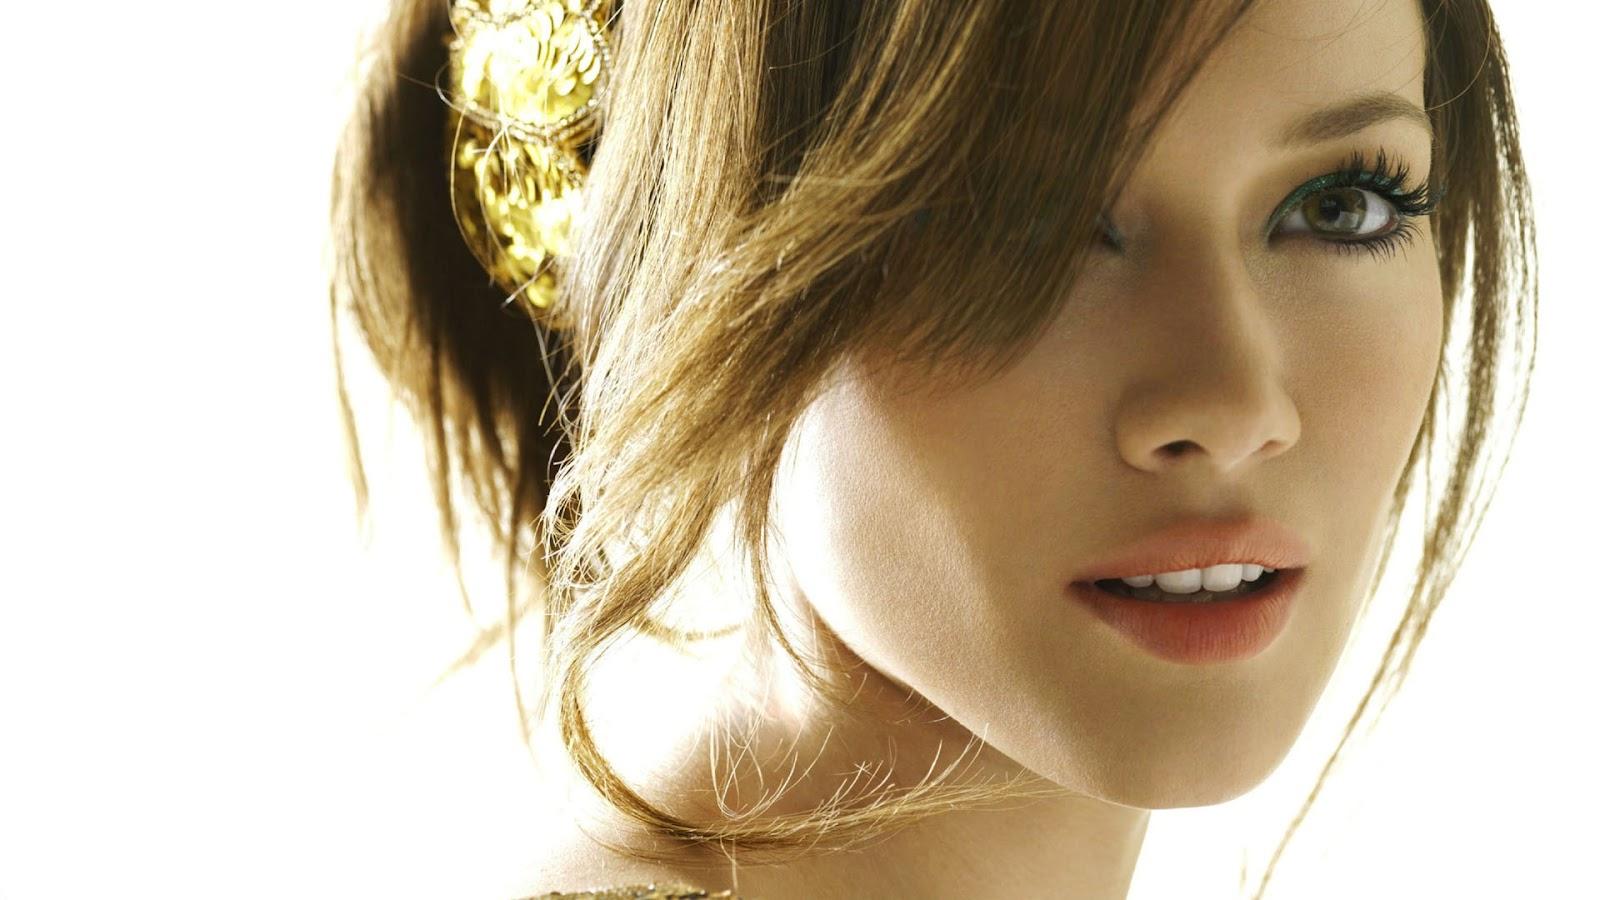 http://4.bp.blogspot.com/-5JzXmkPXKF4/UA9KSmriaWI/AAAAAAAABFo/J-YJdxu4yzo/s1600/Hilary-Duff-HD-Wallpaper-2.jpg